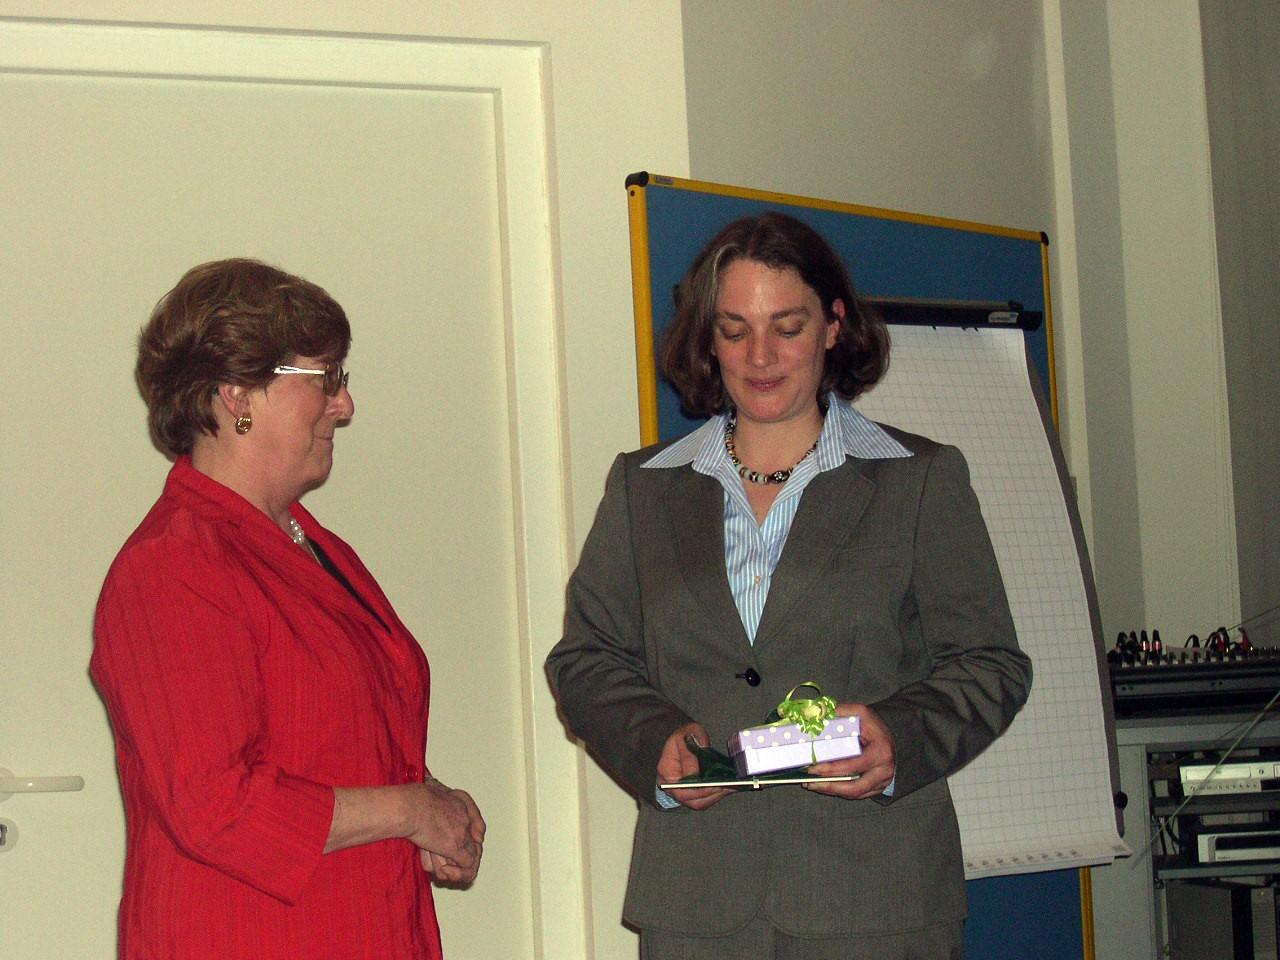 2010: Verabschiedung der Geschäftsführerin Renate Bäuml